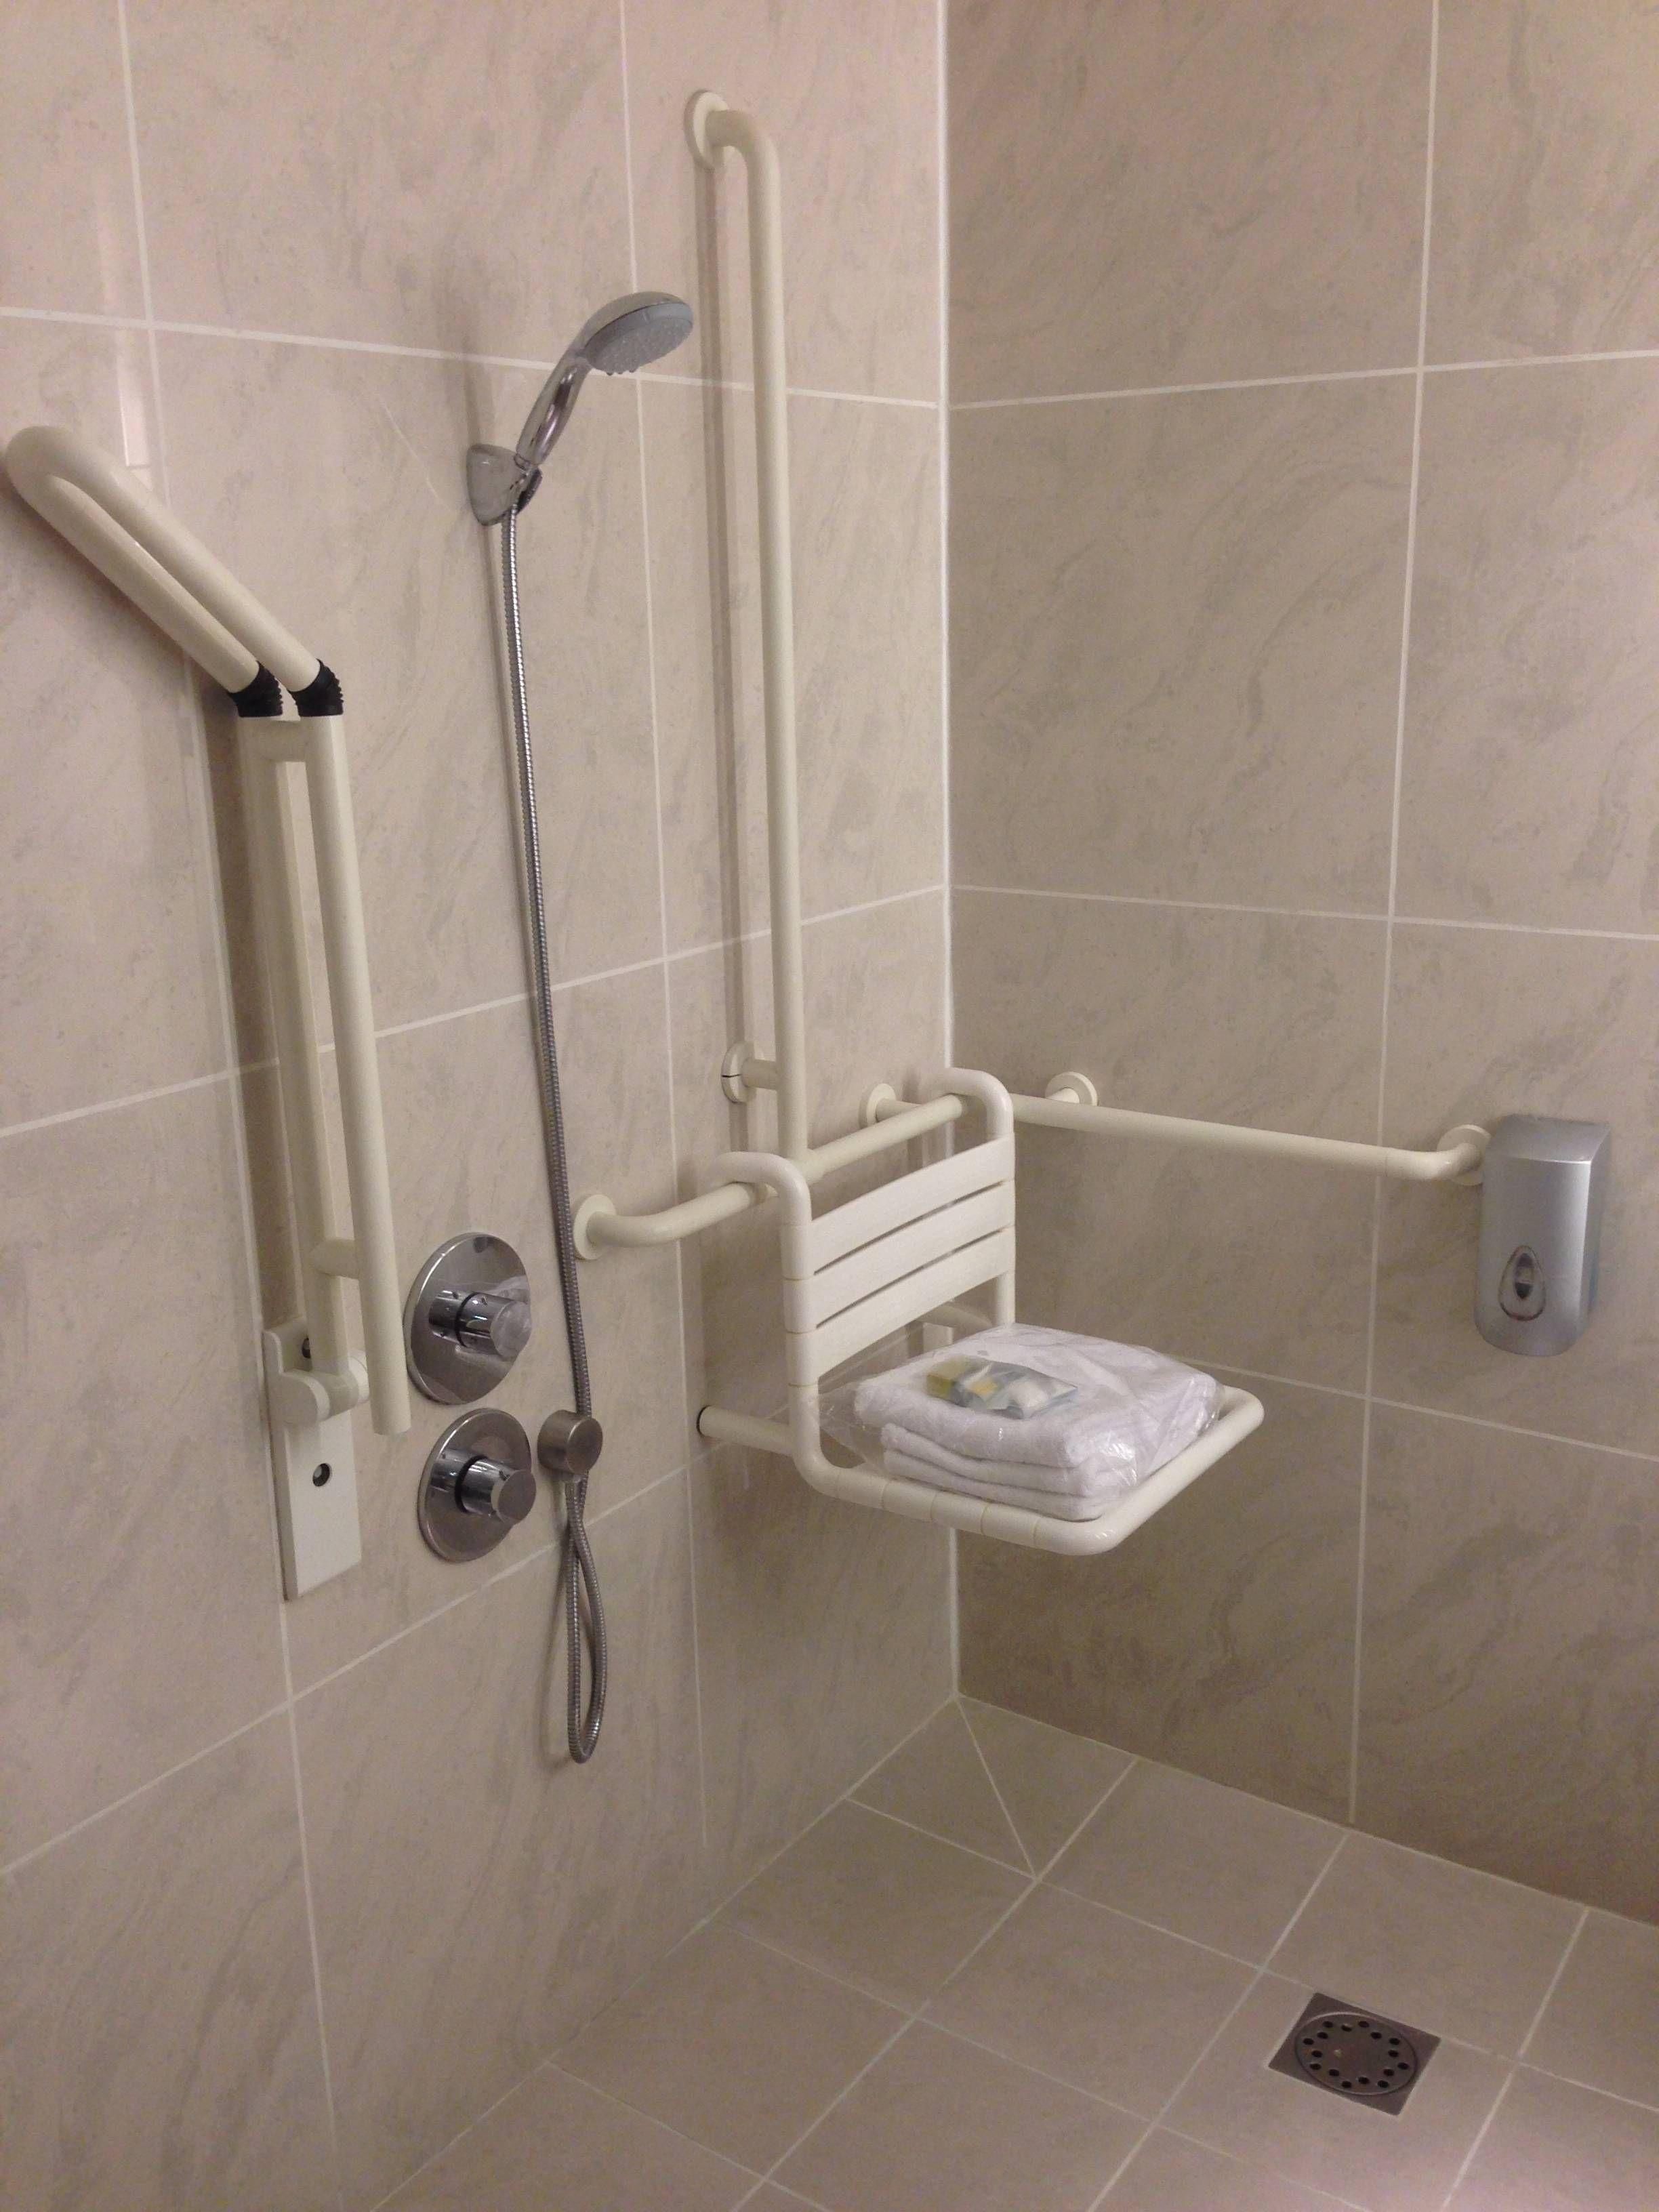 #796252 Os amenities disponíveis e entregues no chuveiro eram da Loccitane. 2448x3264 px Banheiro Para Deficiente Com Chuveiro 2585